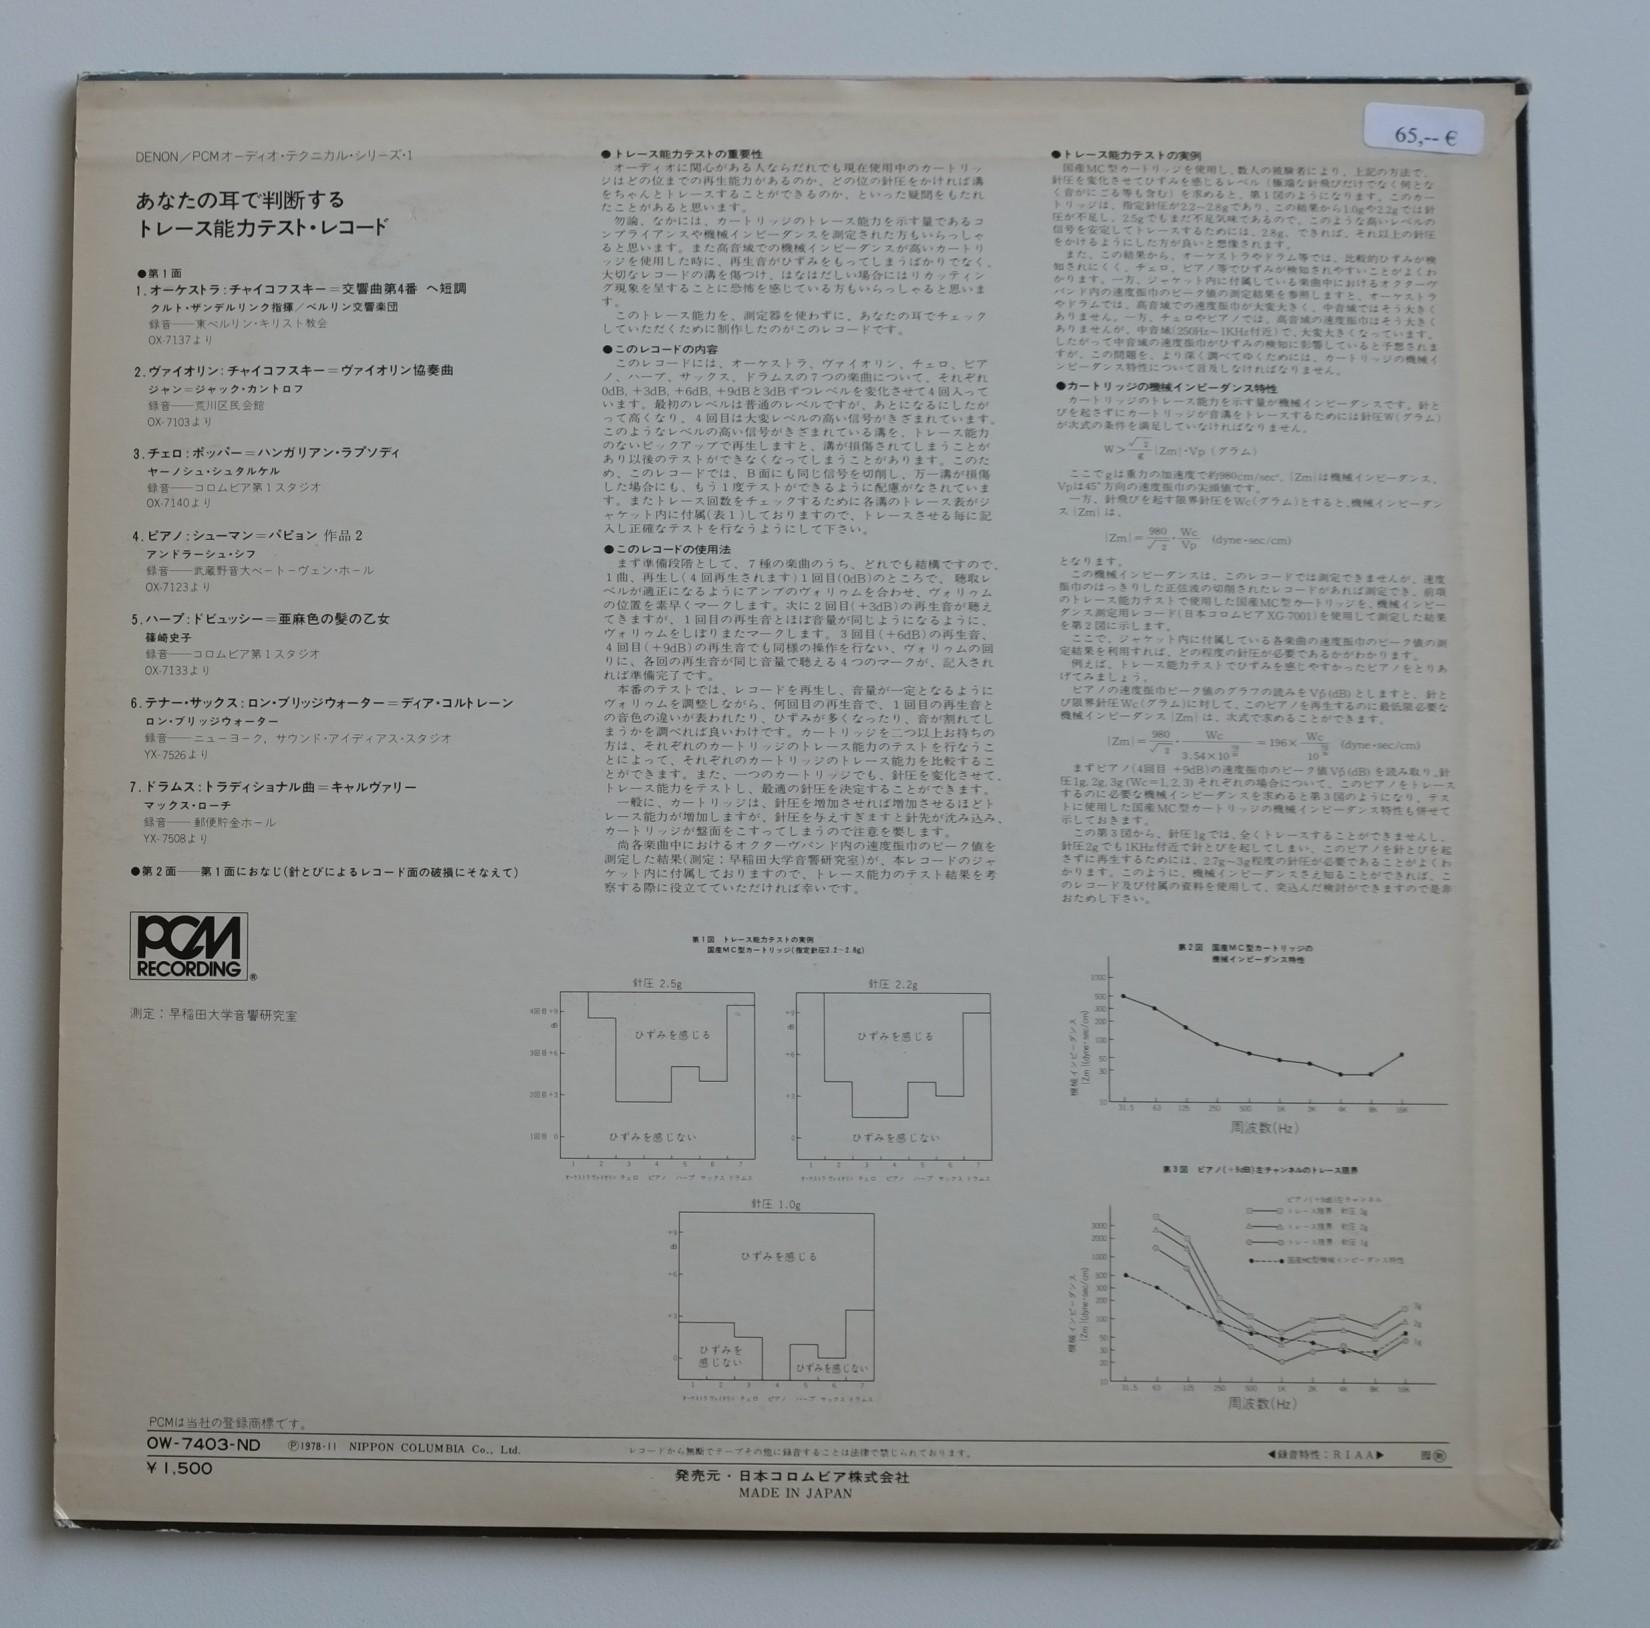 LP-Denon-7403-2